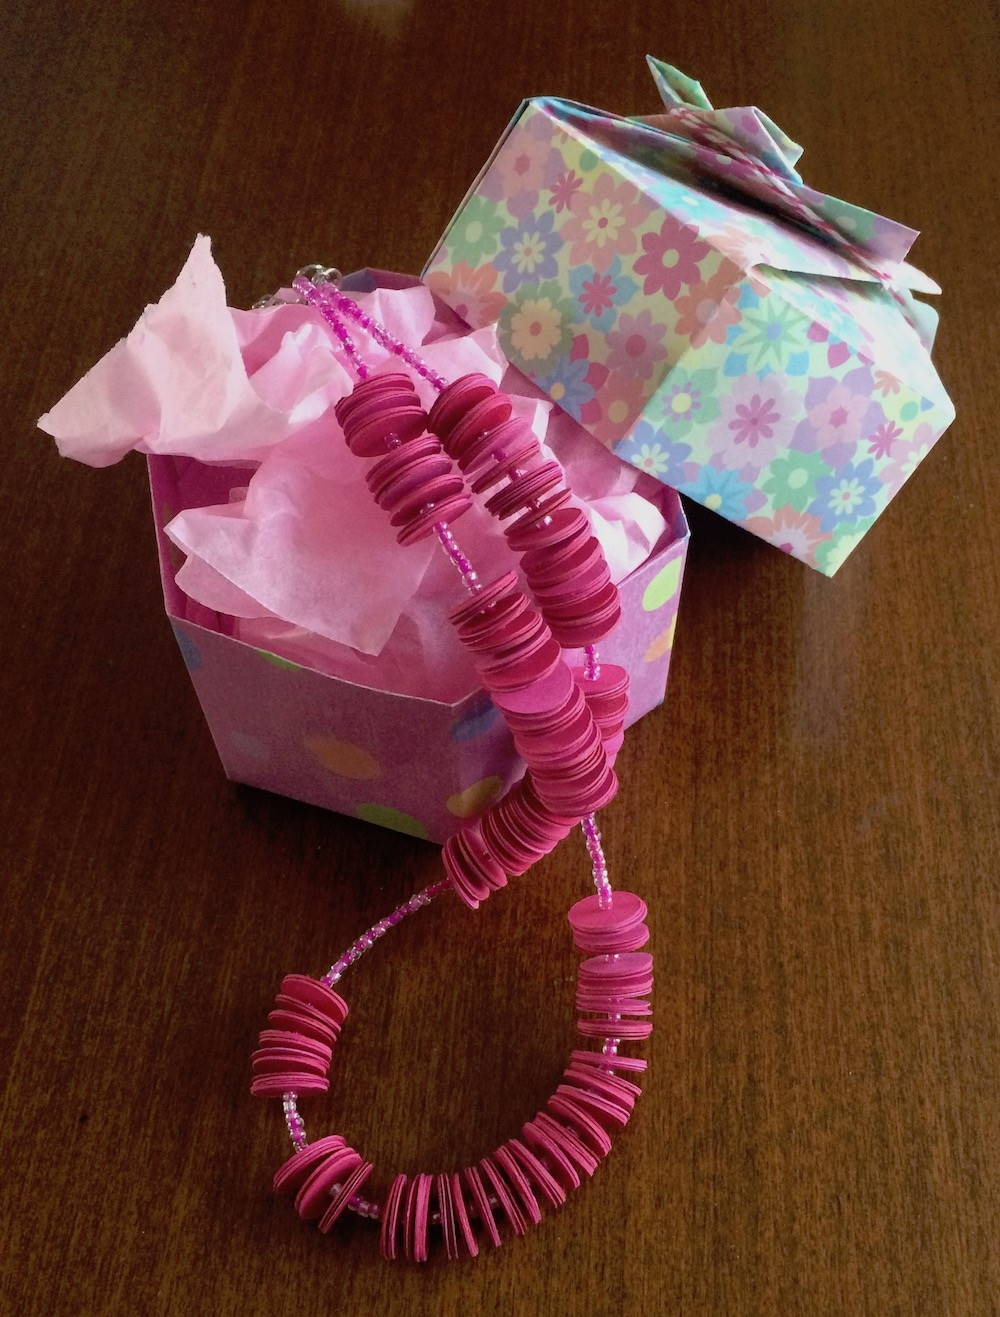 Handgefertigte Kette aus Papier in pink